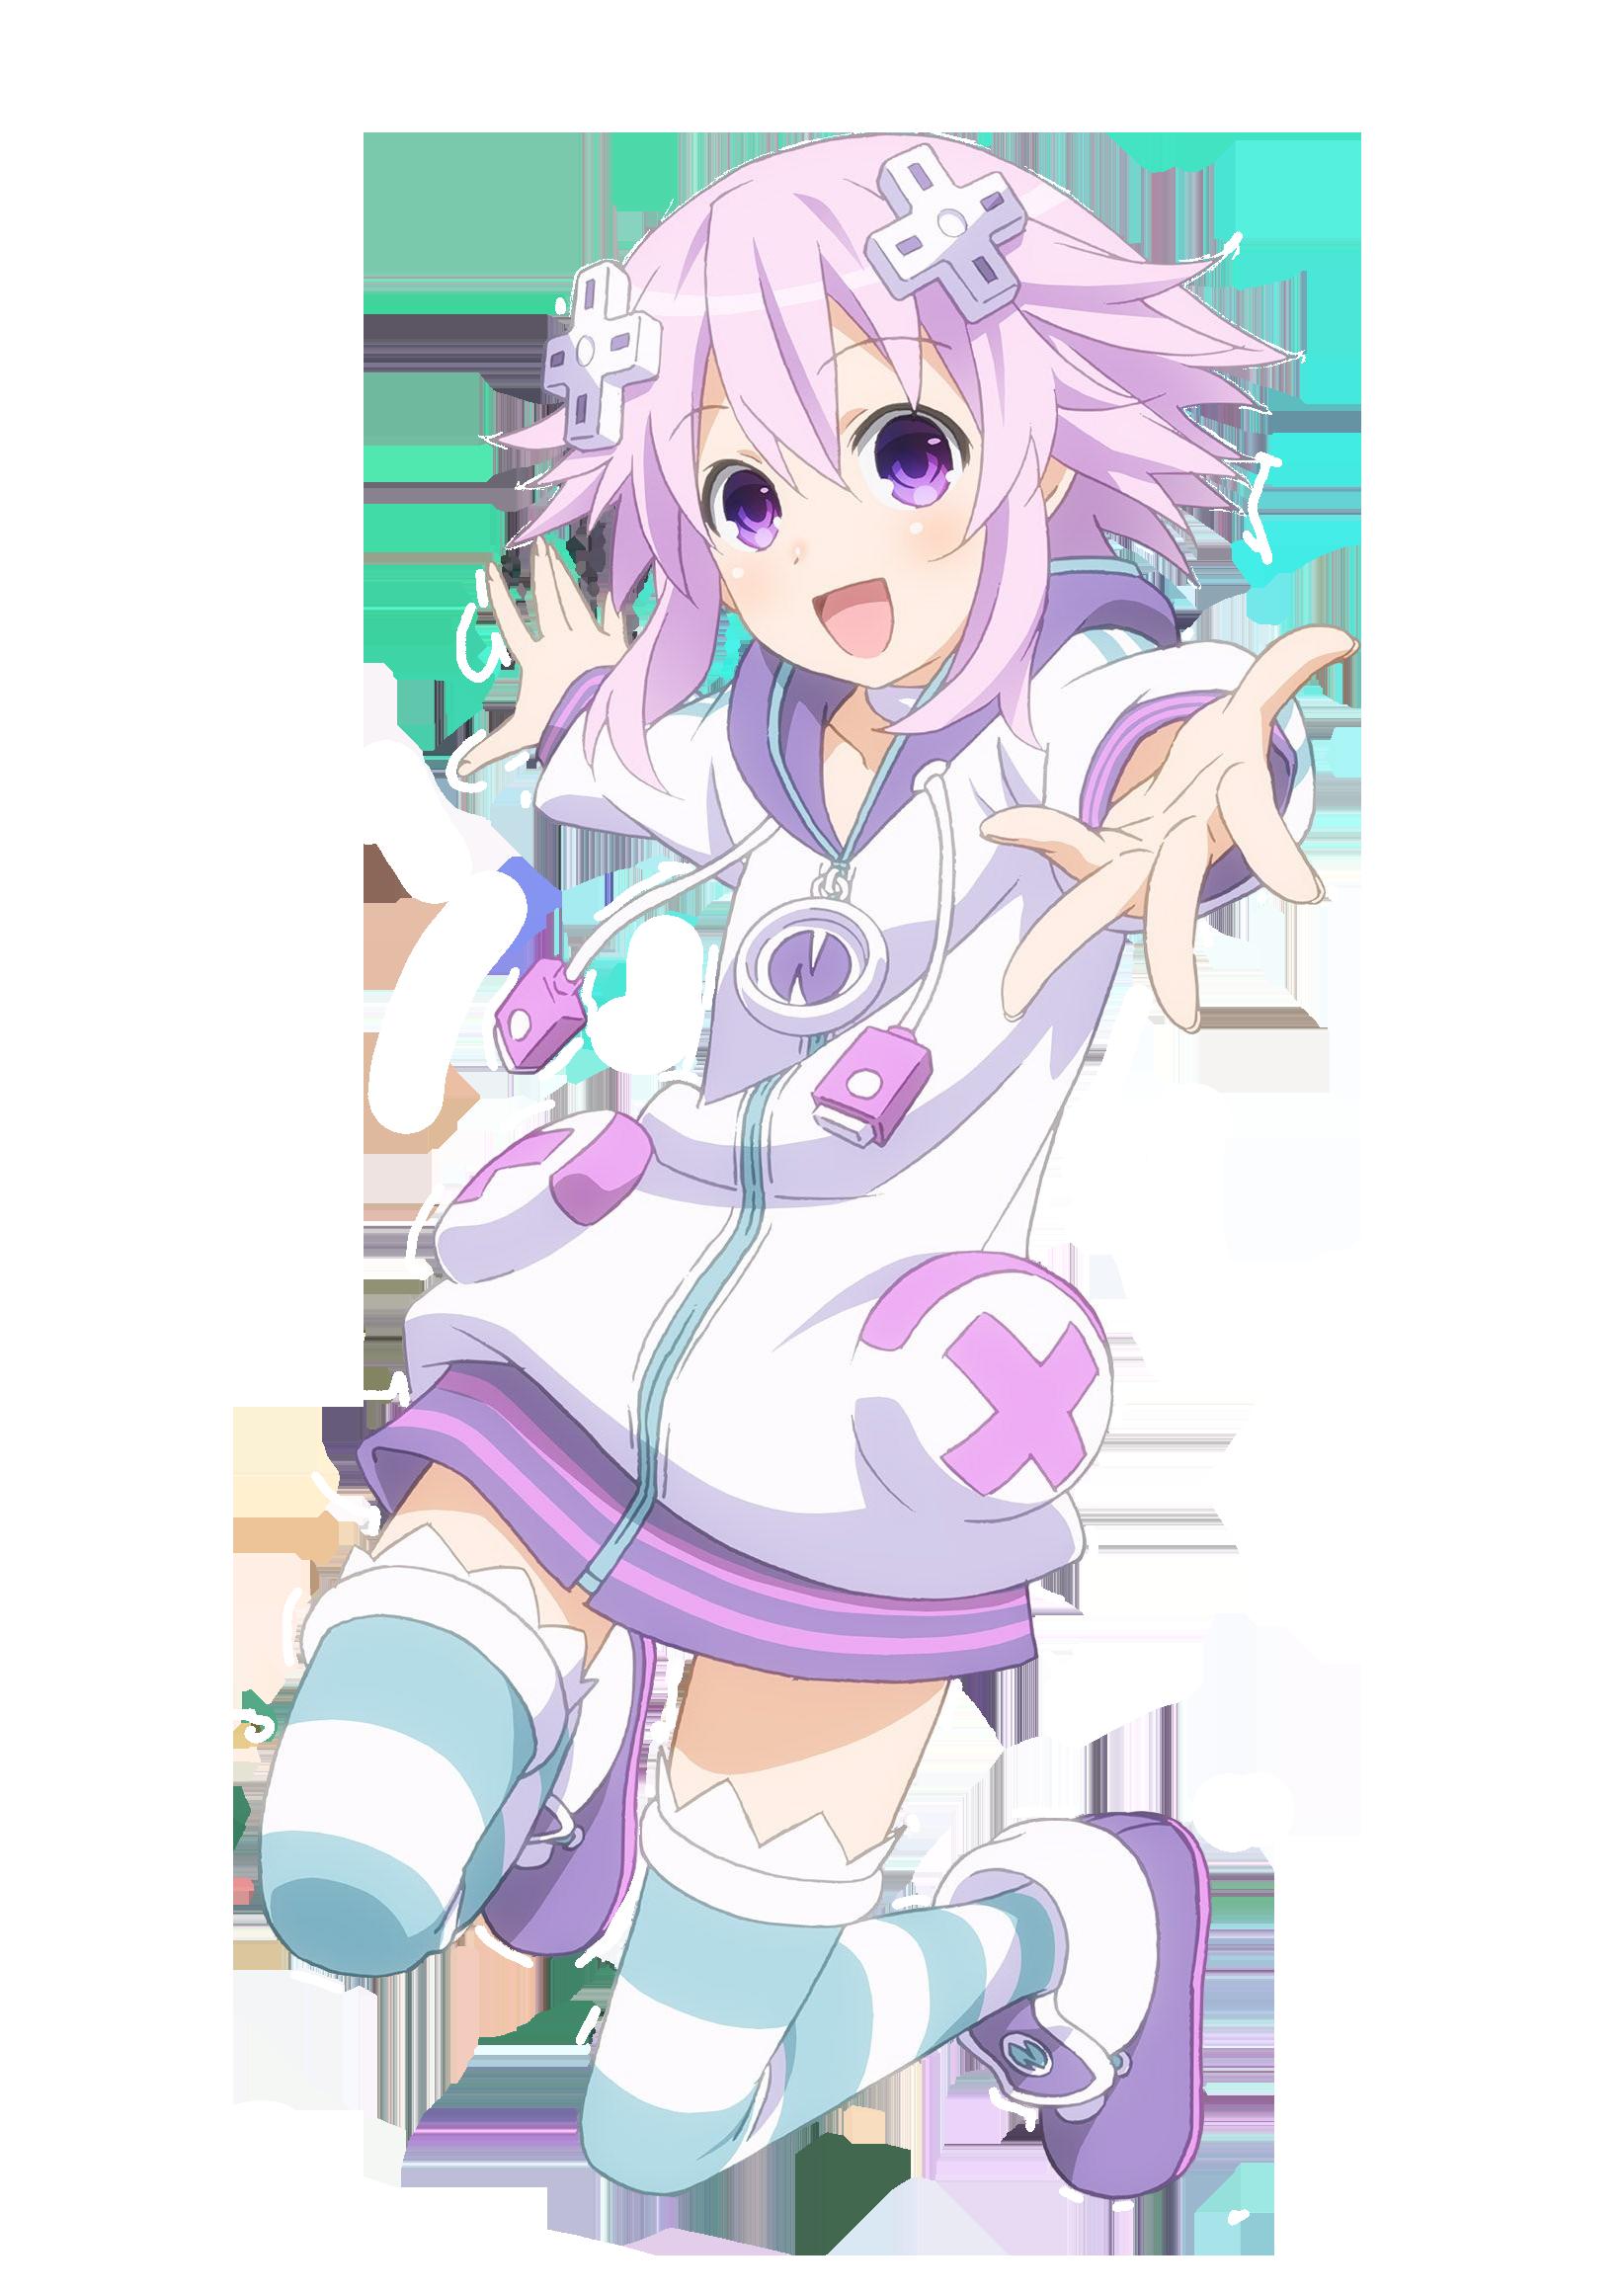 Neptune Hyperdimension Neptunia Anime Maid Cute Anime Wallpaper Anime School Girl